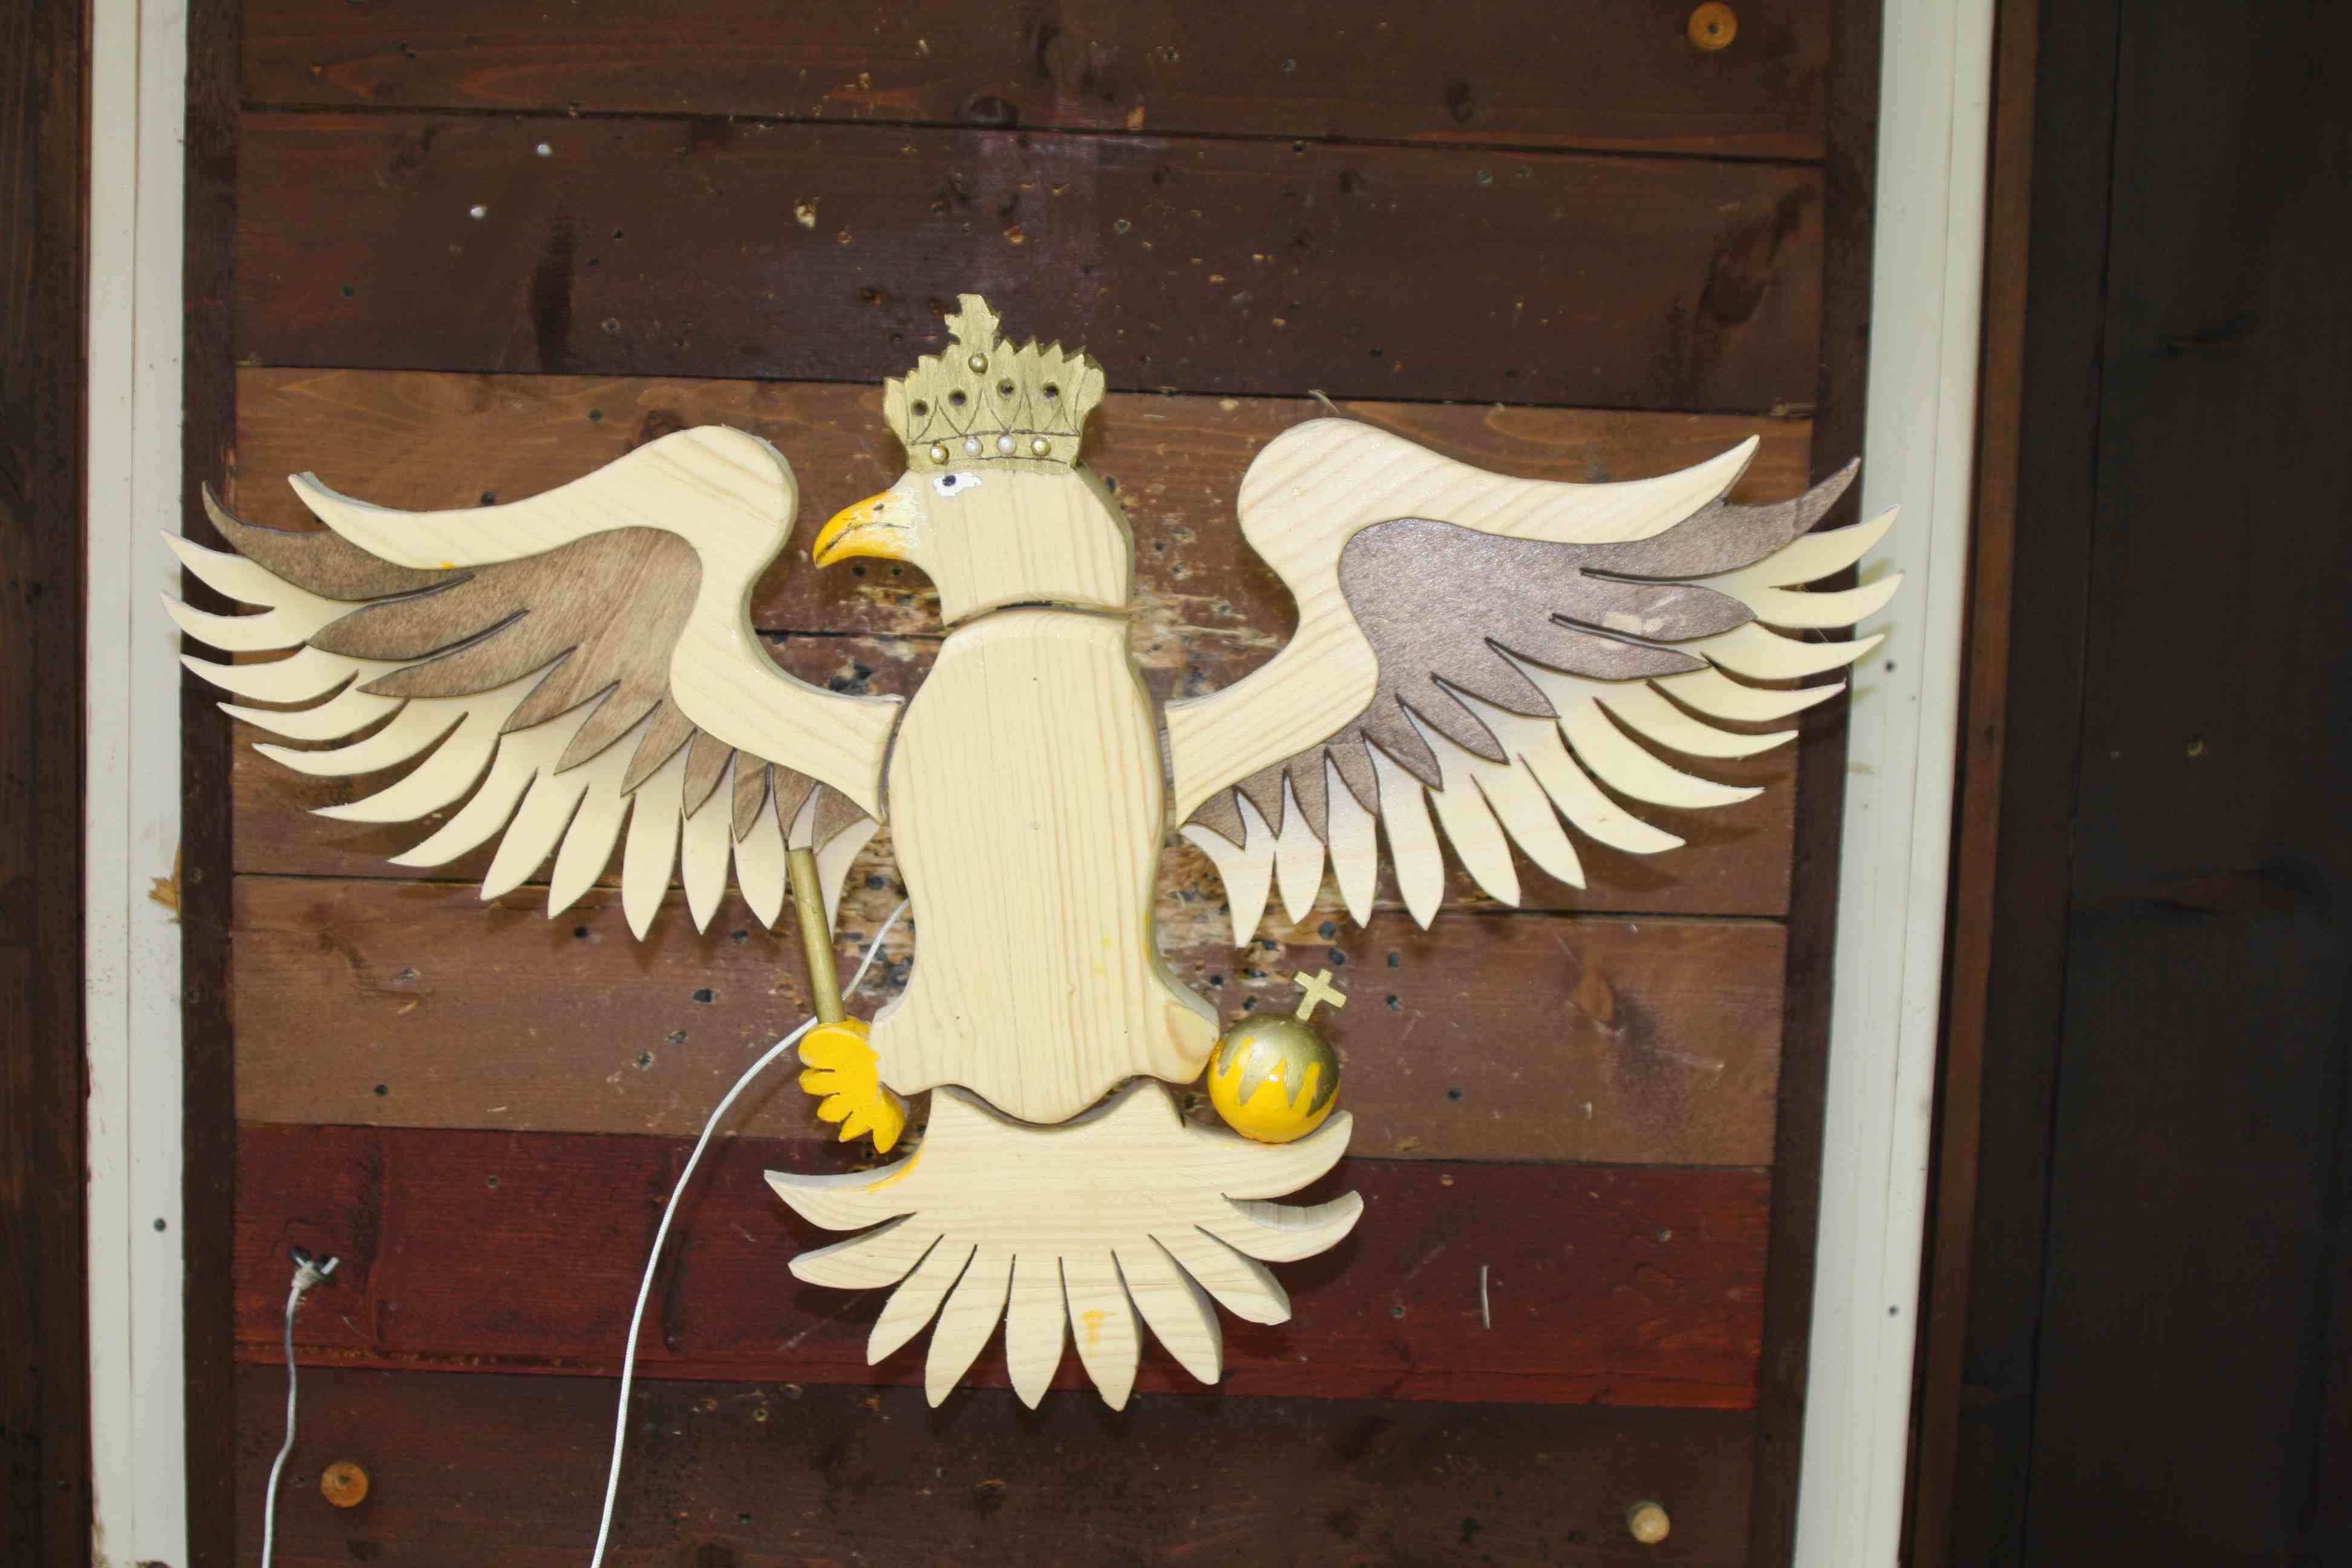 Königsvogel-, Korpskönigs- und Prinzenschießen